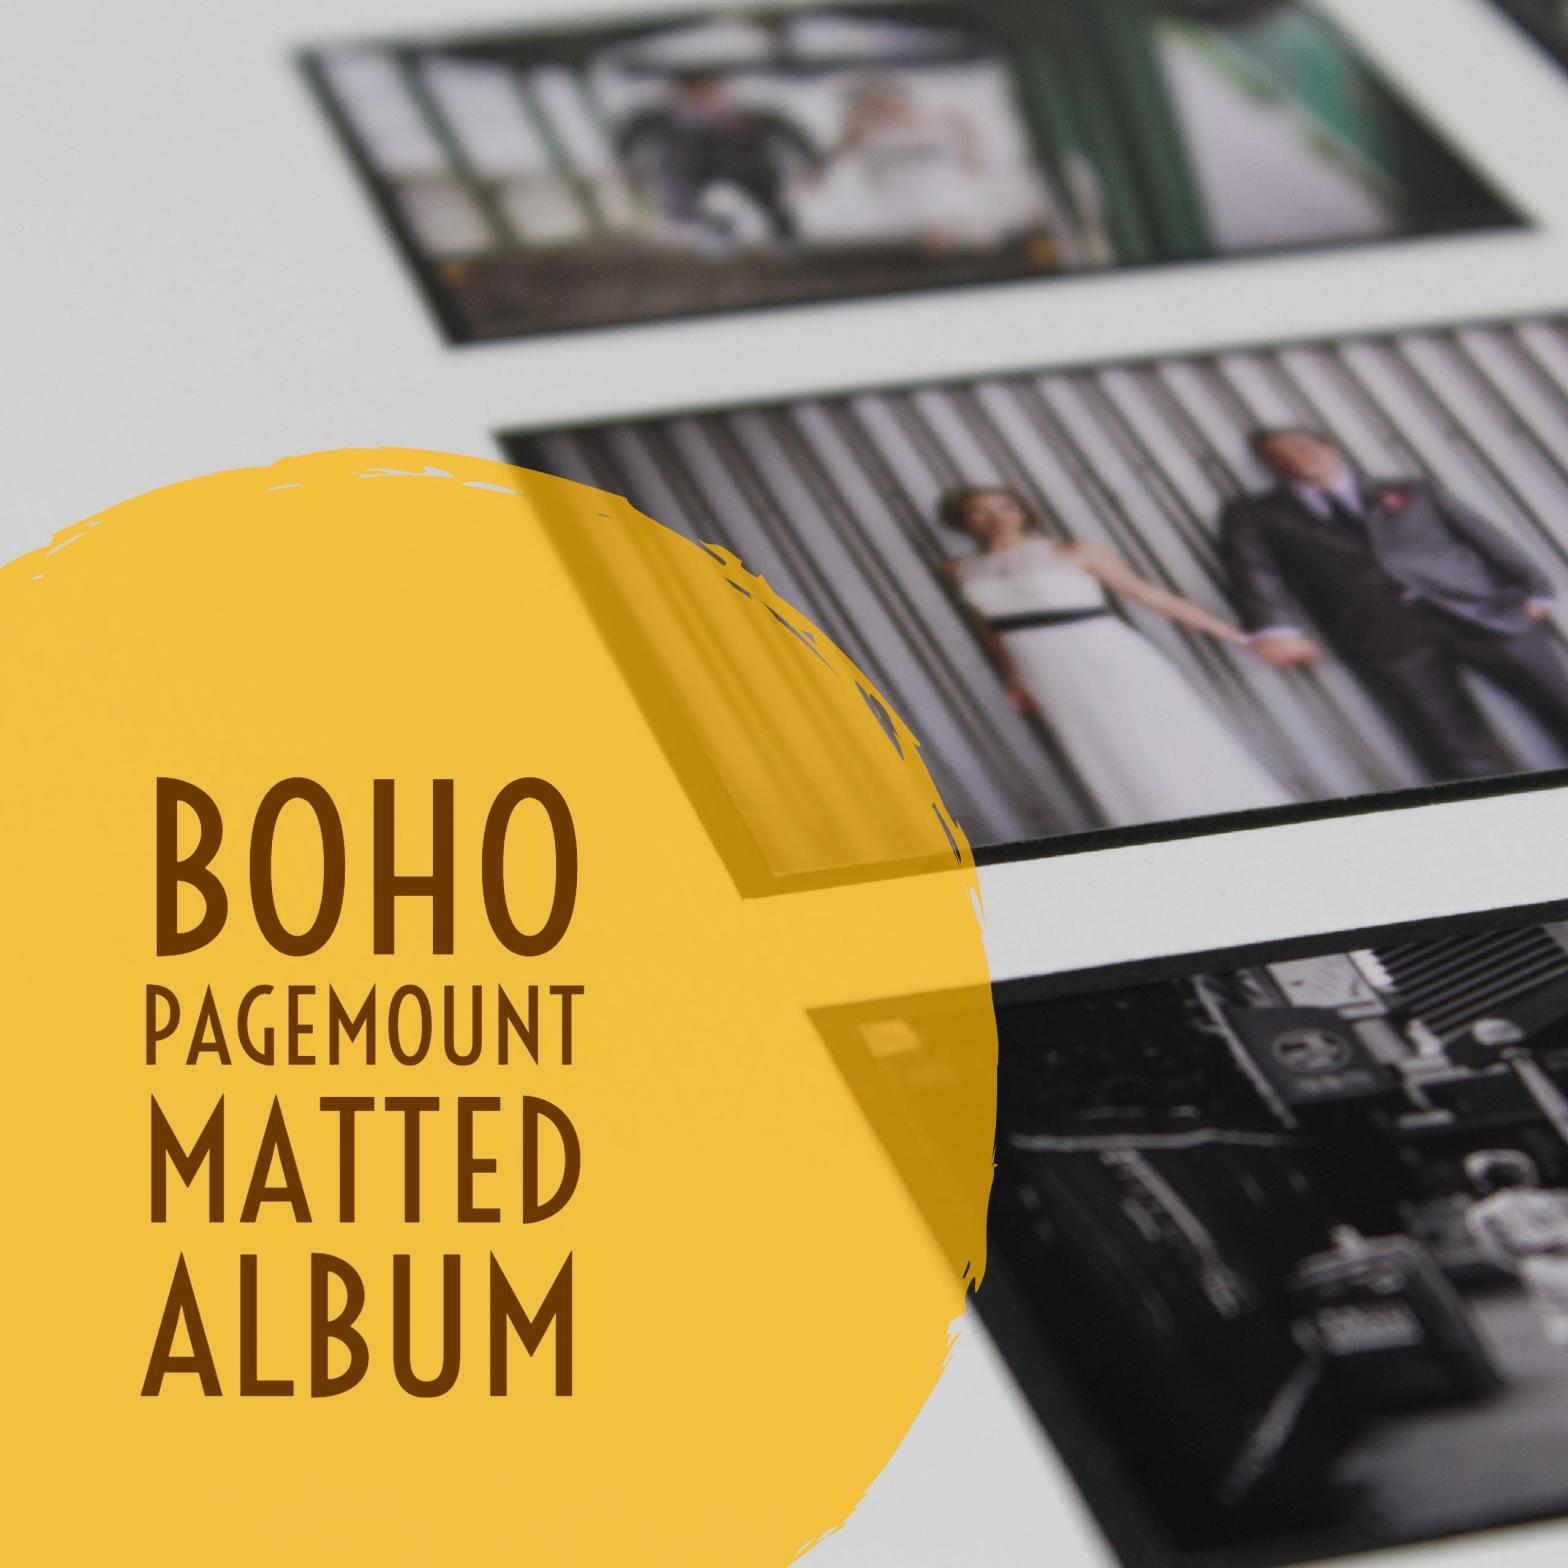 Boho wedding album by Finao